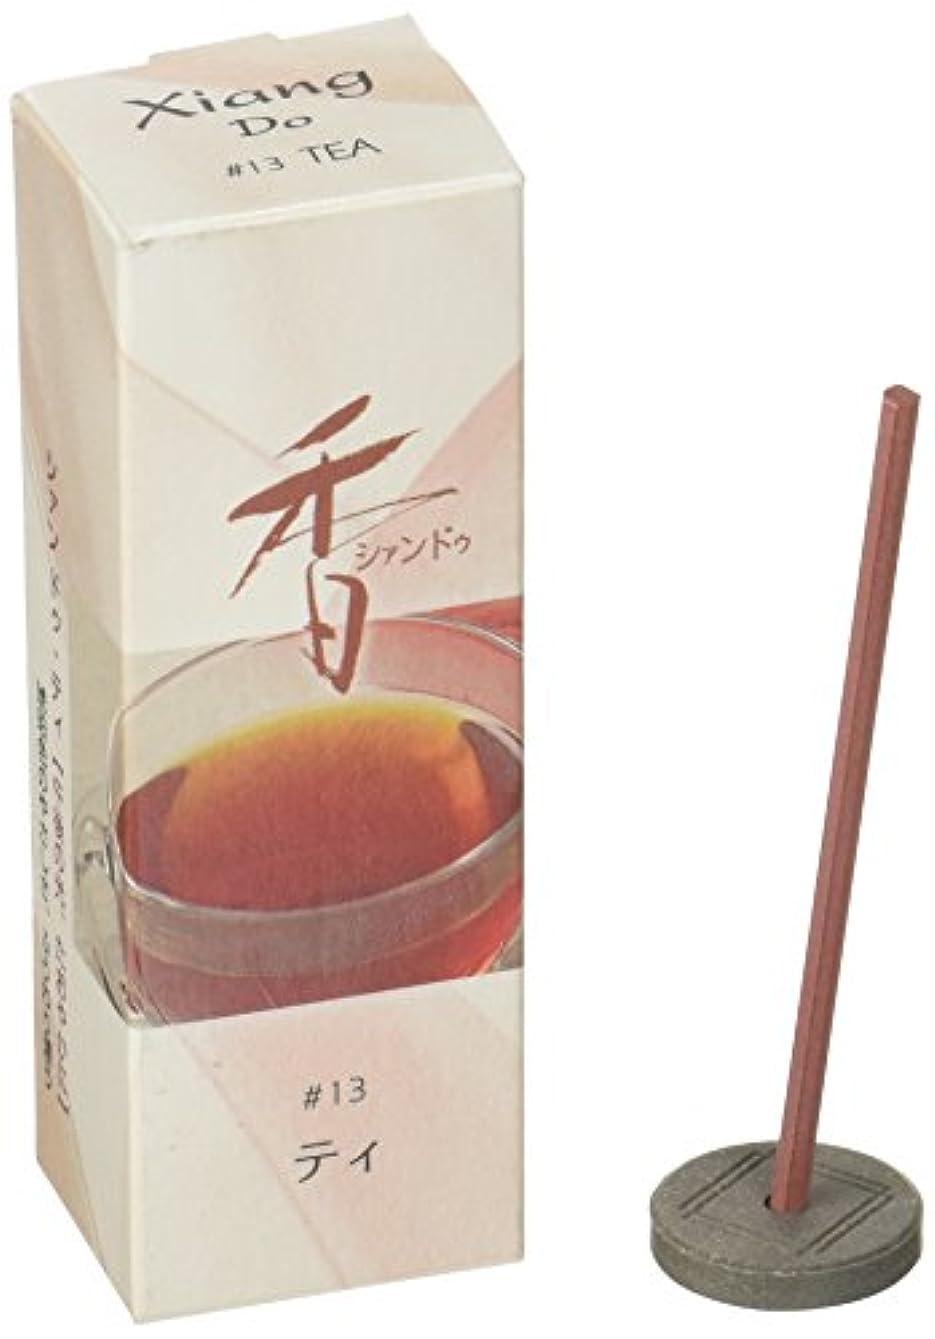 一般的なただ崩壊松栄堂のお香 Xiang Do ティ ST20本入 簡易香立付 #214213